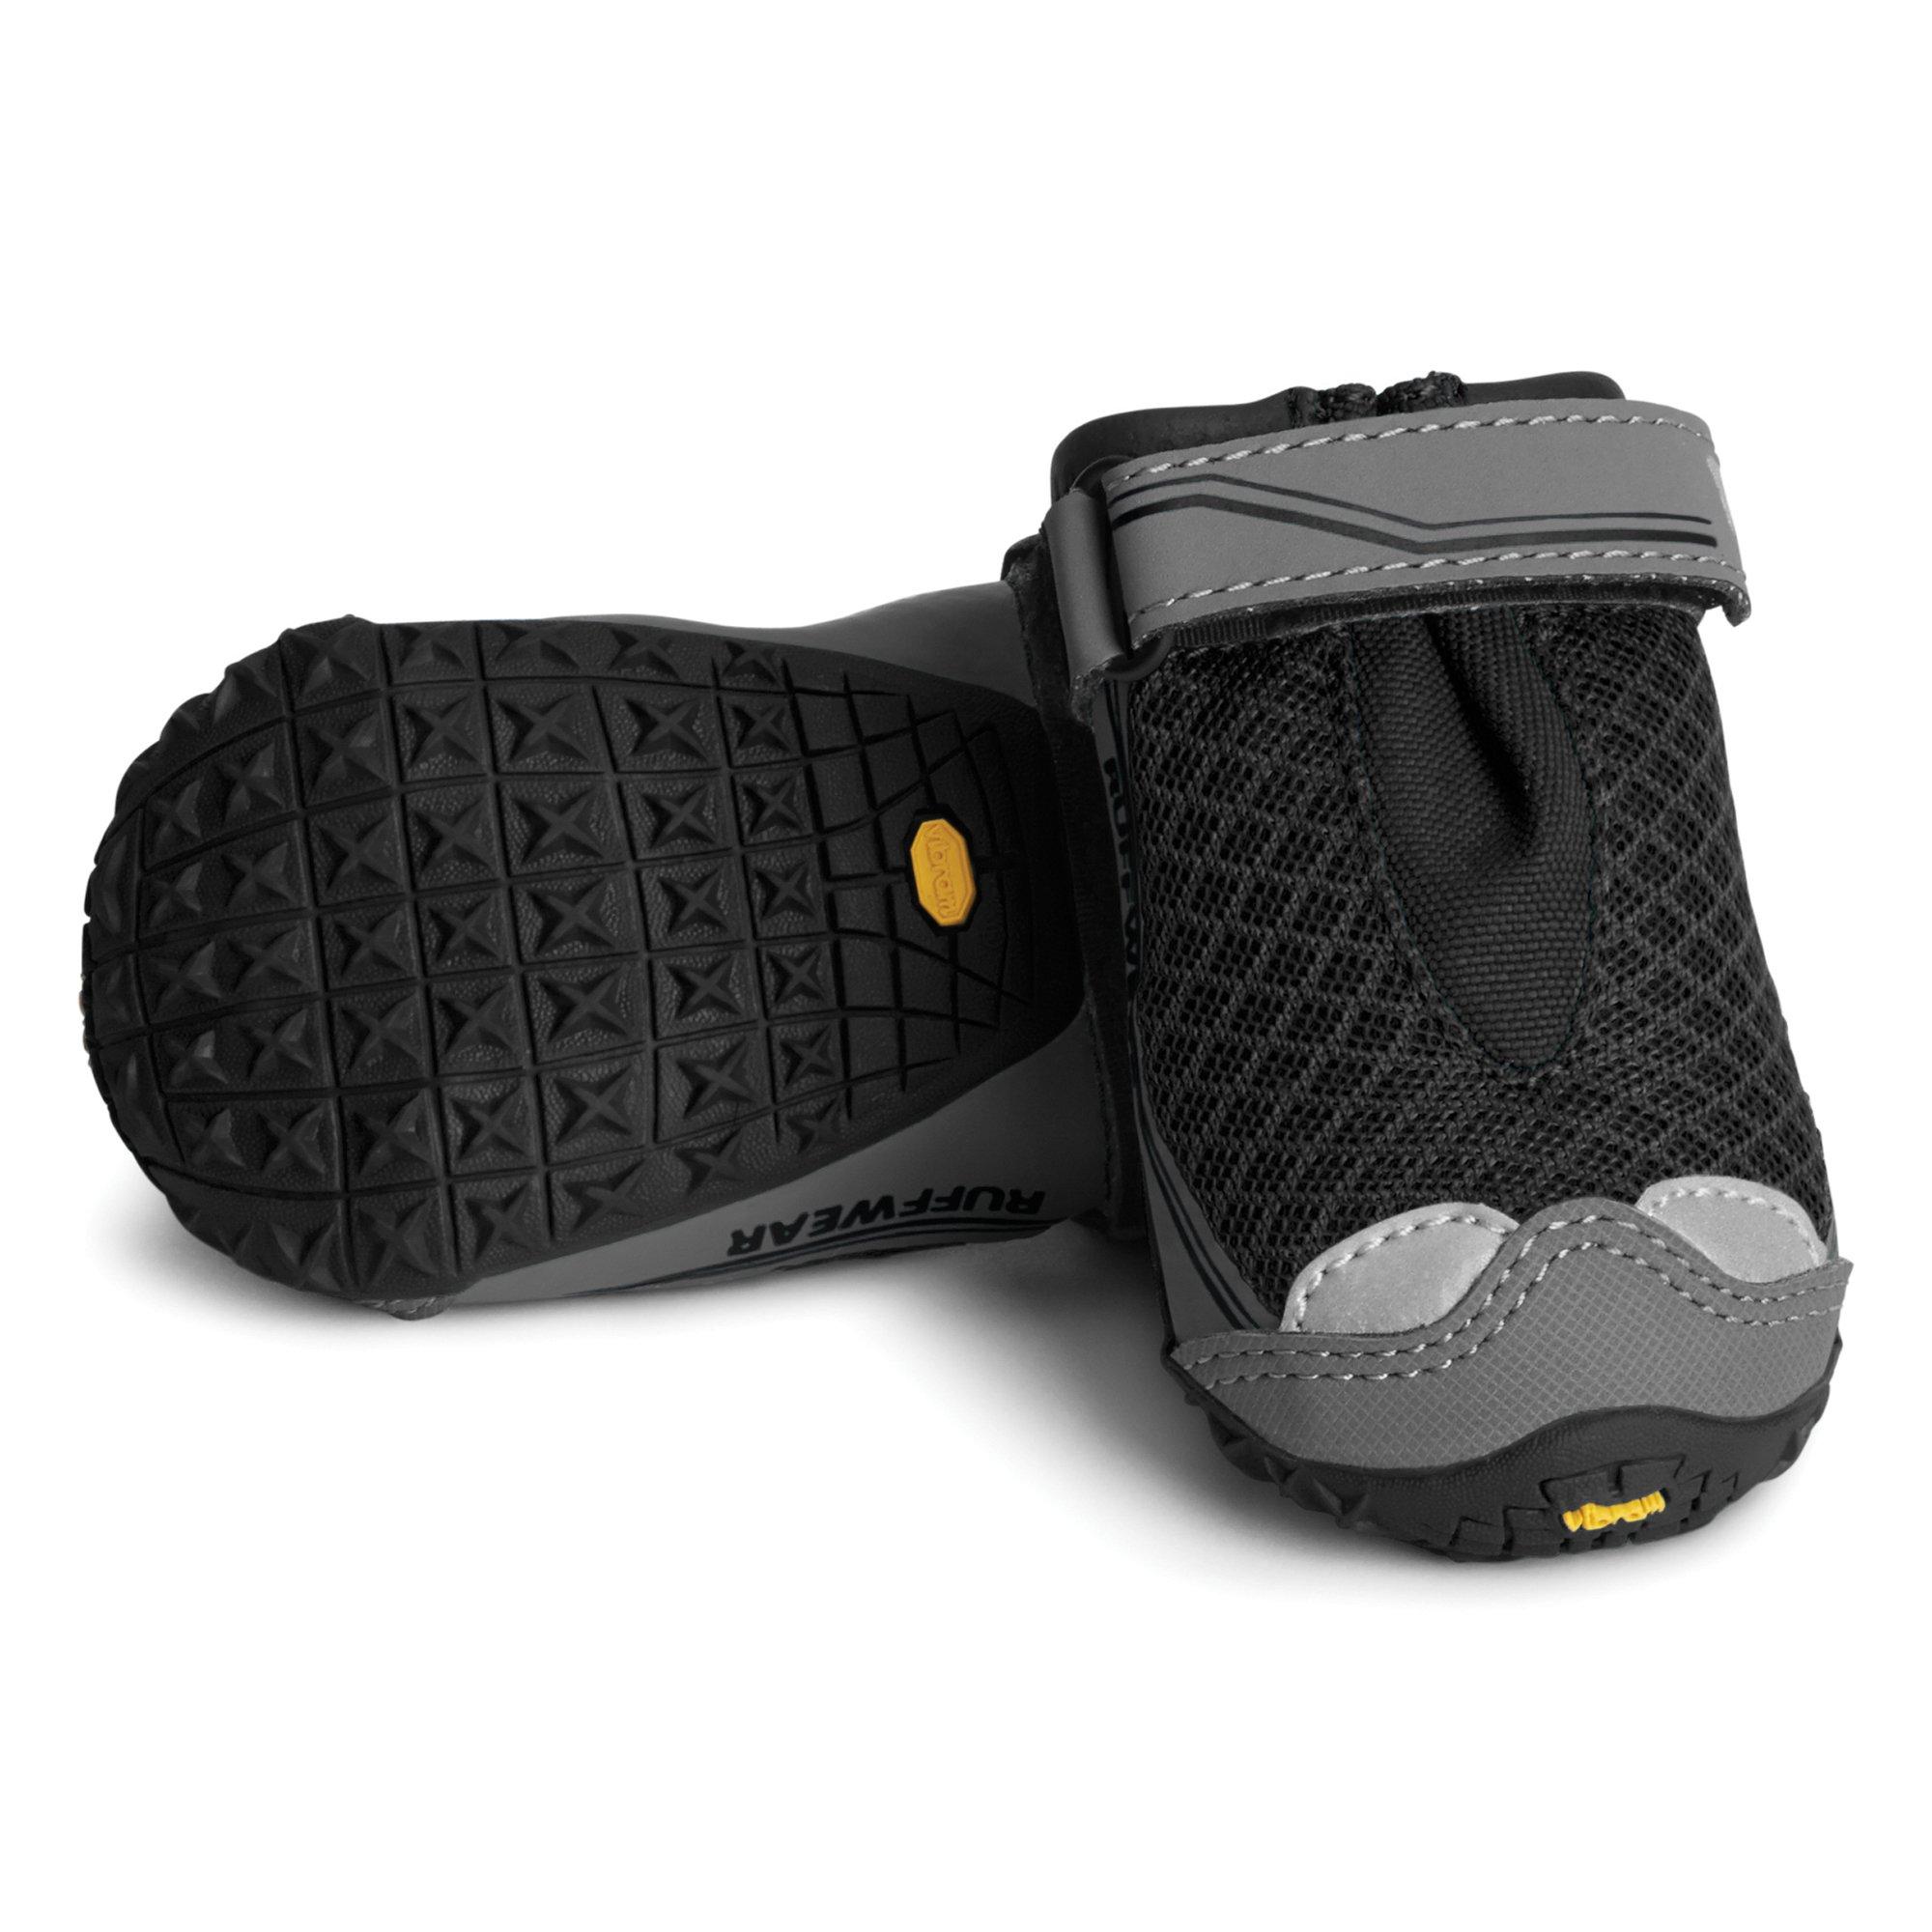 RUFFWEAR - Grip Trex, Obsidian Black, 3.0 in (2 Boots) by RUFFWEAR